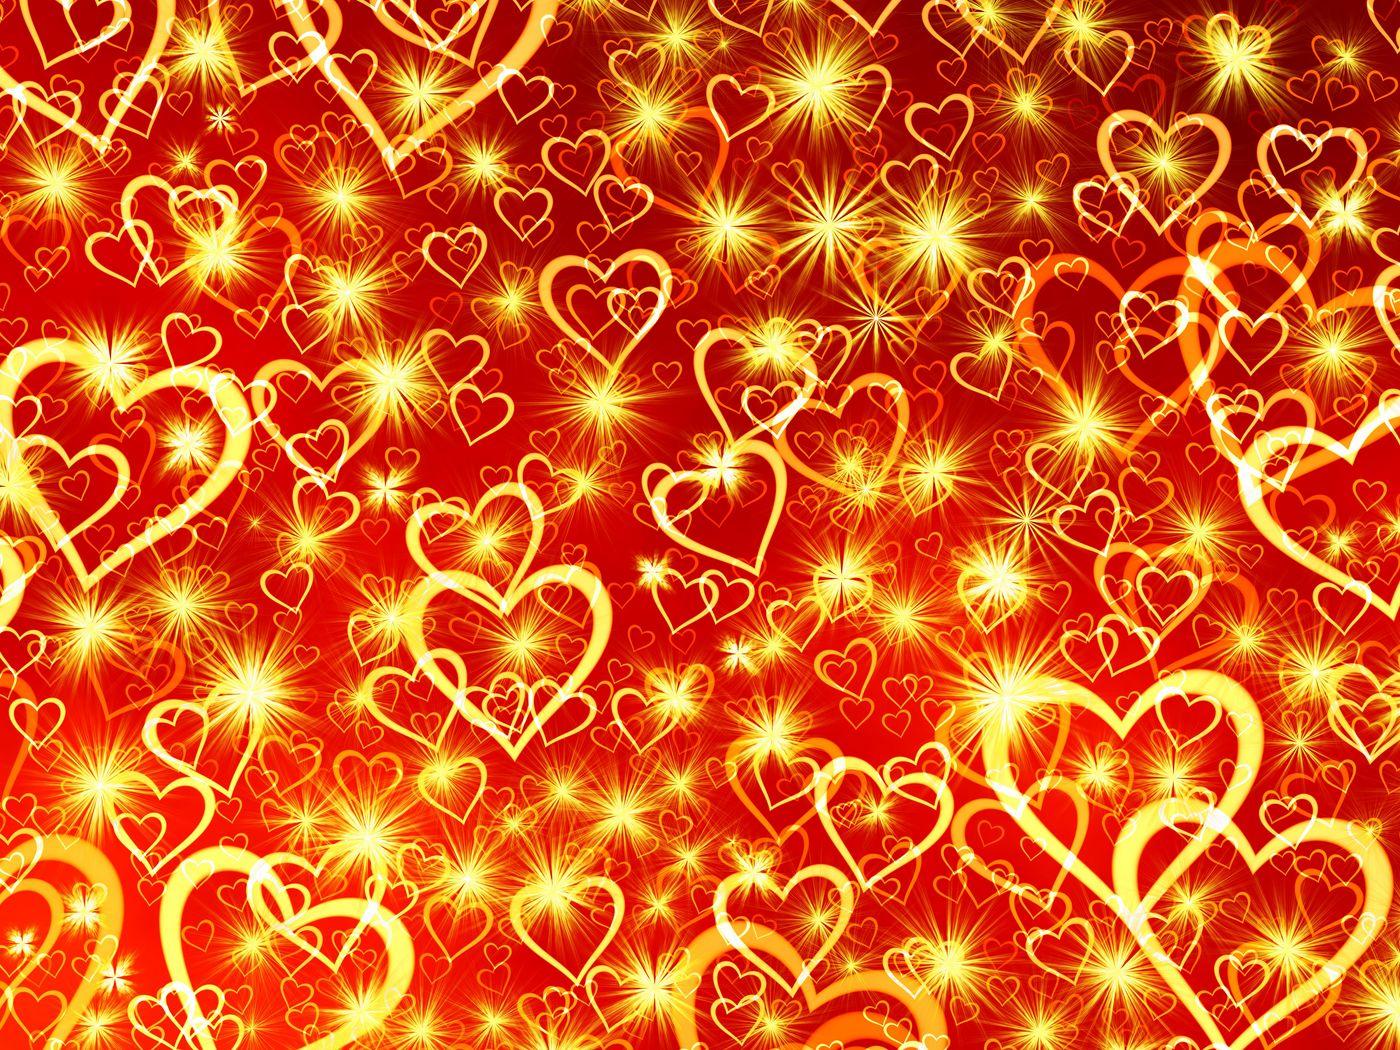 1400x1050 Wallpaper heart, art, shine